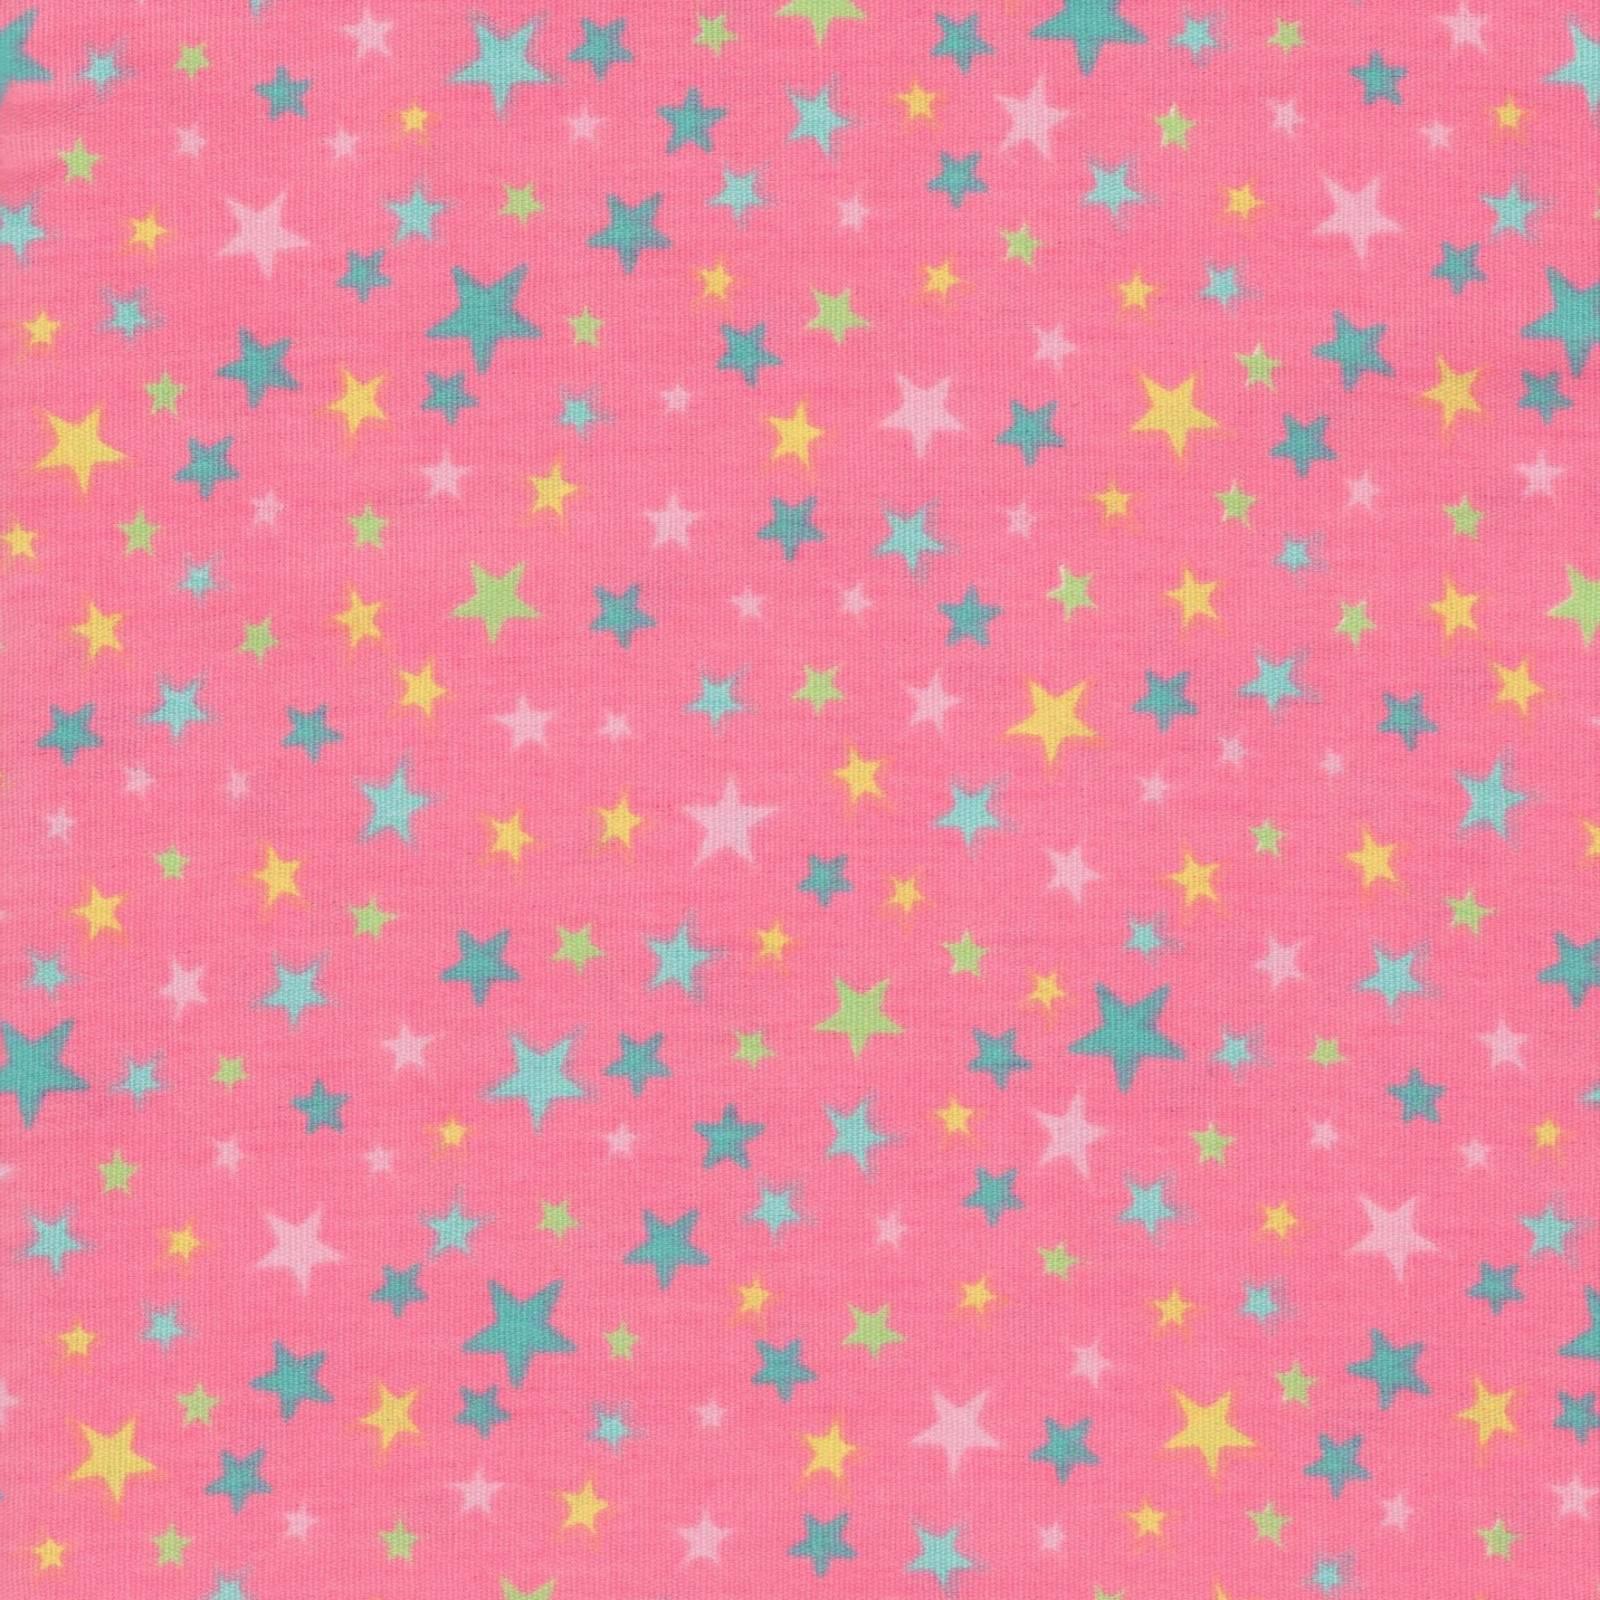 Estrelinhas Coloridas Fundo Rosa Chiclete Ref. CO6331-3 Eva e Eva - Armarinhos Nodari